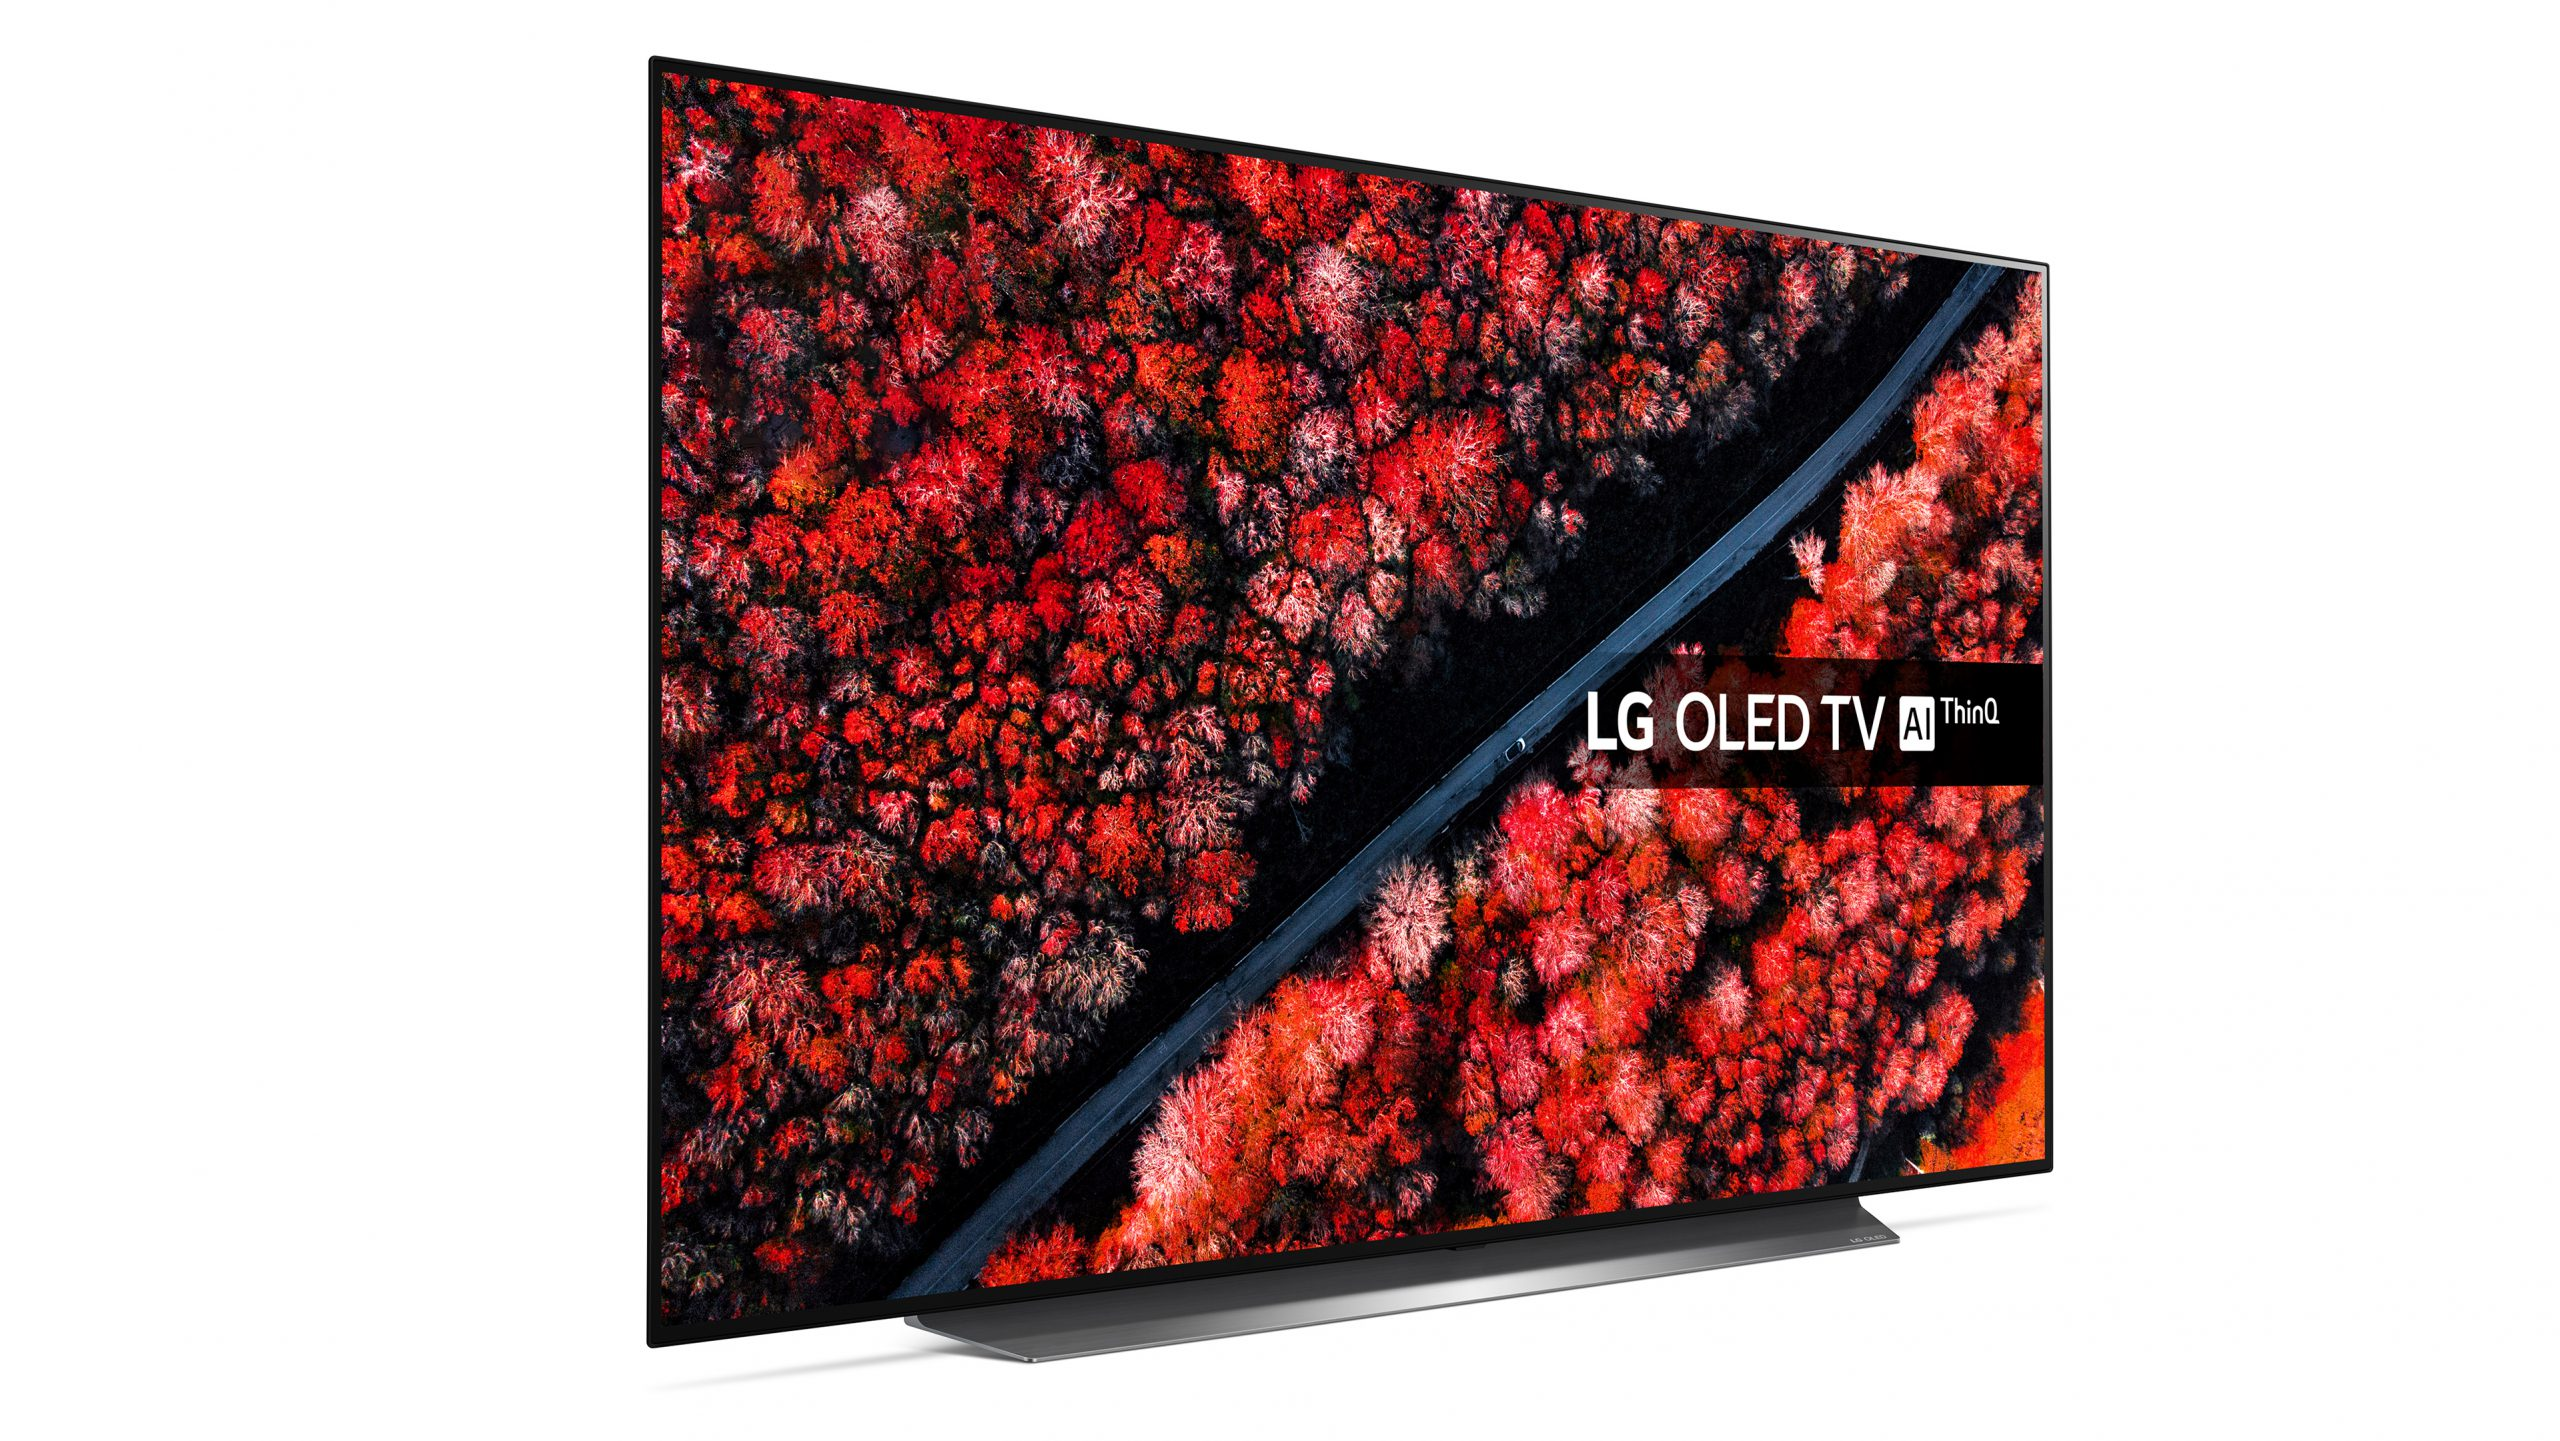 LG OLED77C9 storskjerm